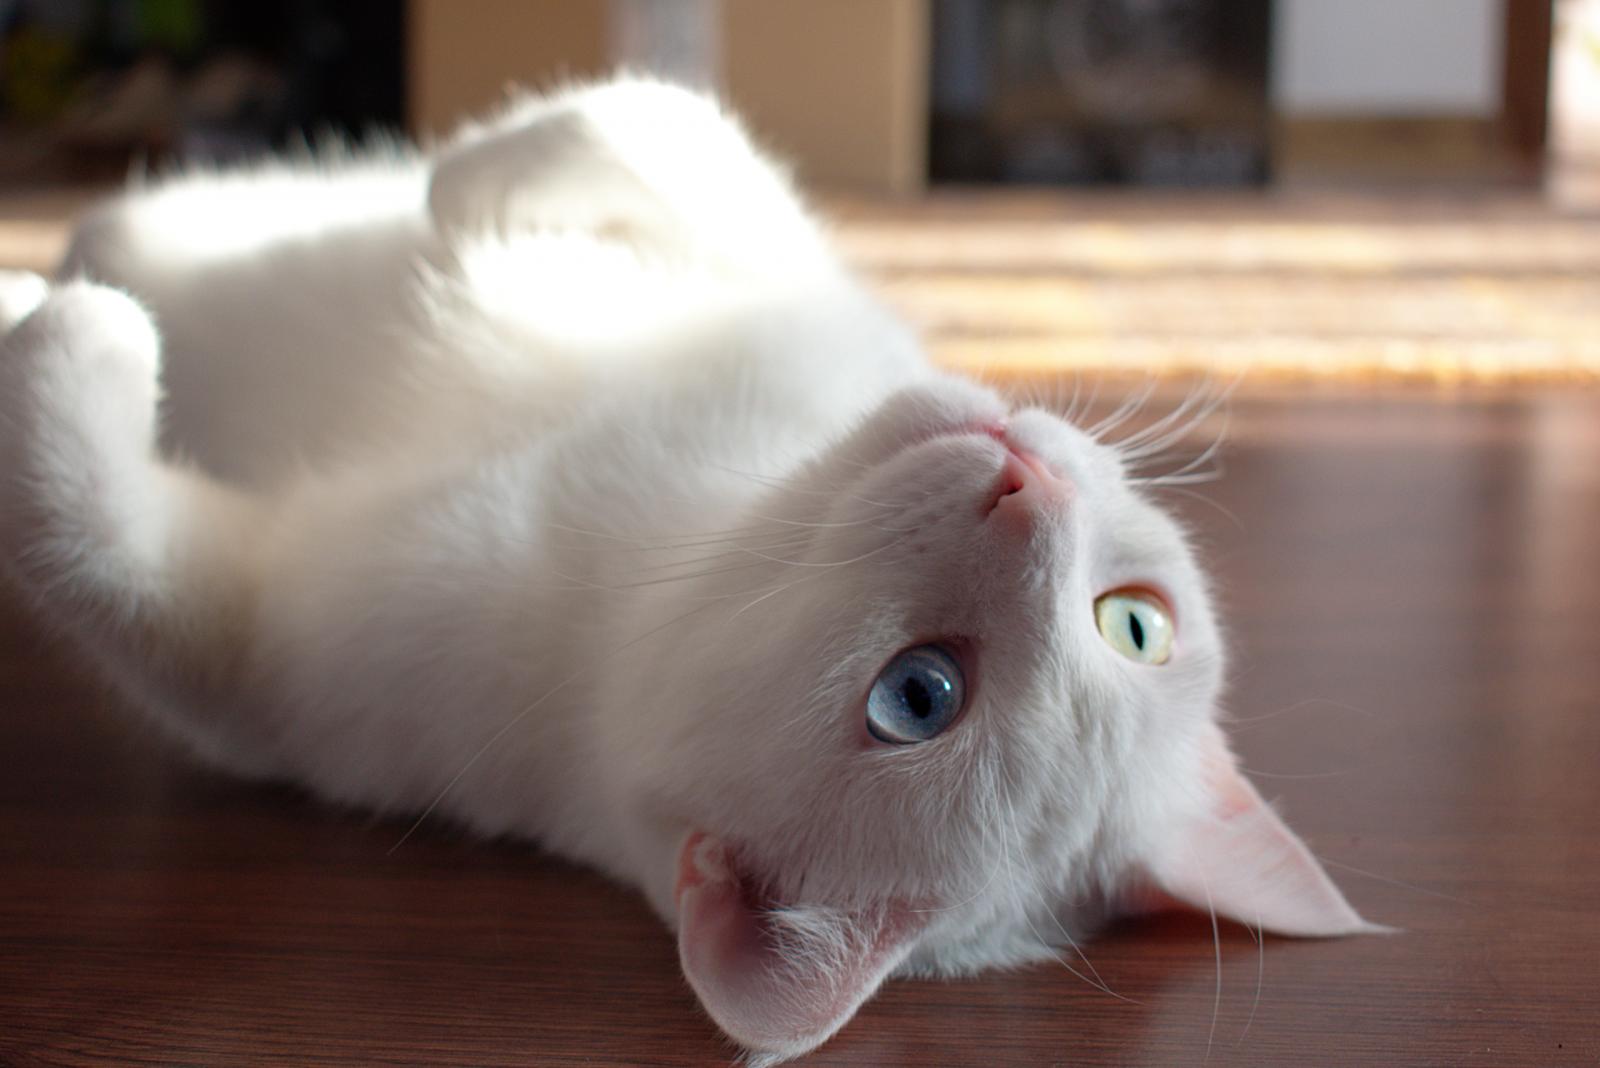 Sonhar com gato branco indica boas notícias em breve.